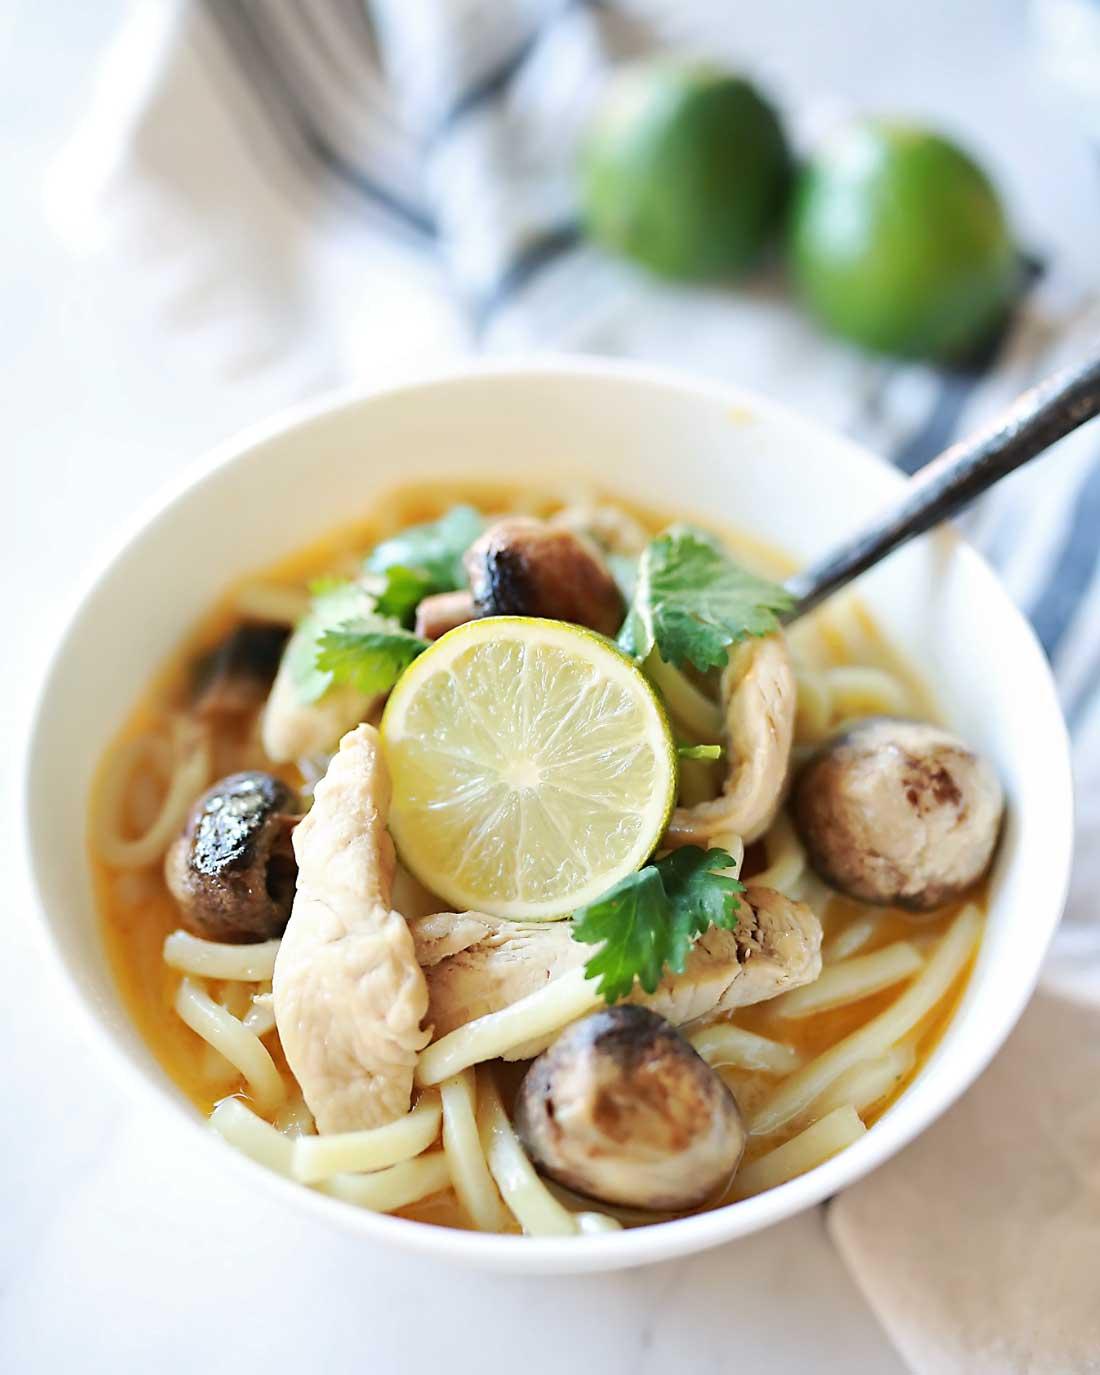 Udon noodles ad cocnut lemongrass soup